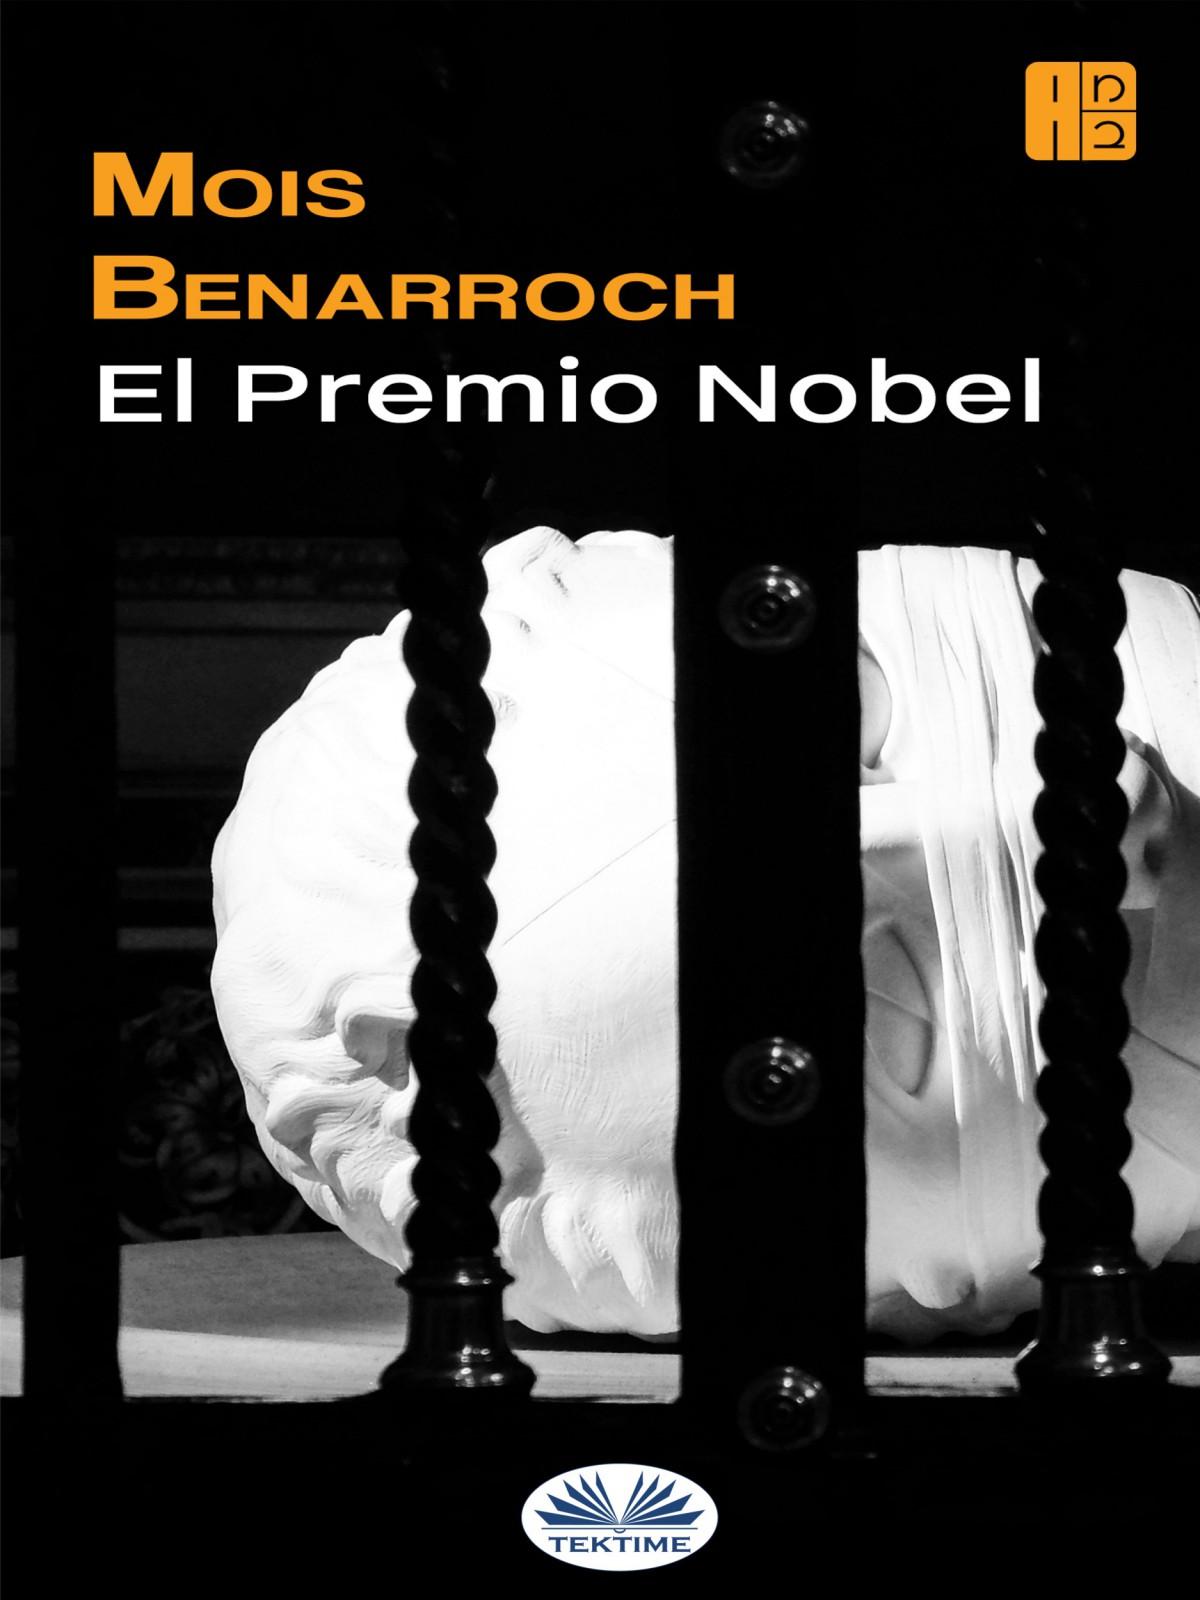 Mois Benarroch El Premio Nobel romanticismo en la vida y la obra de chopin